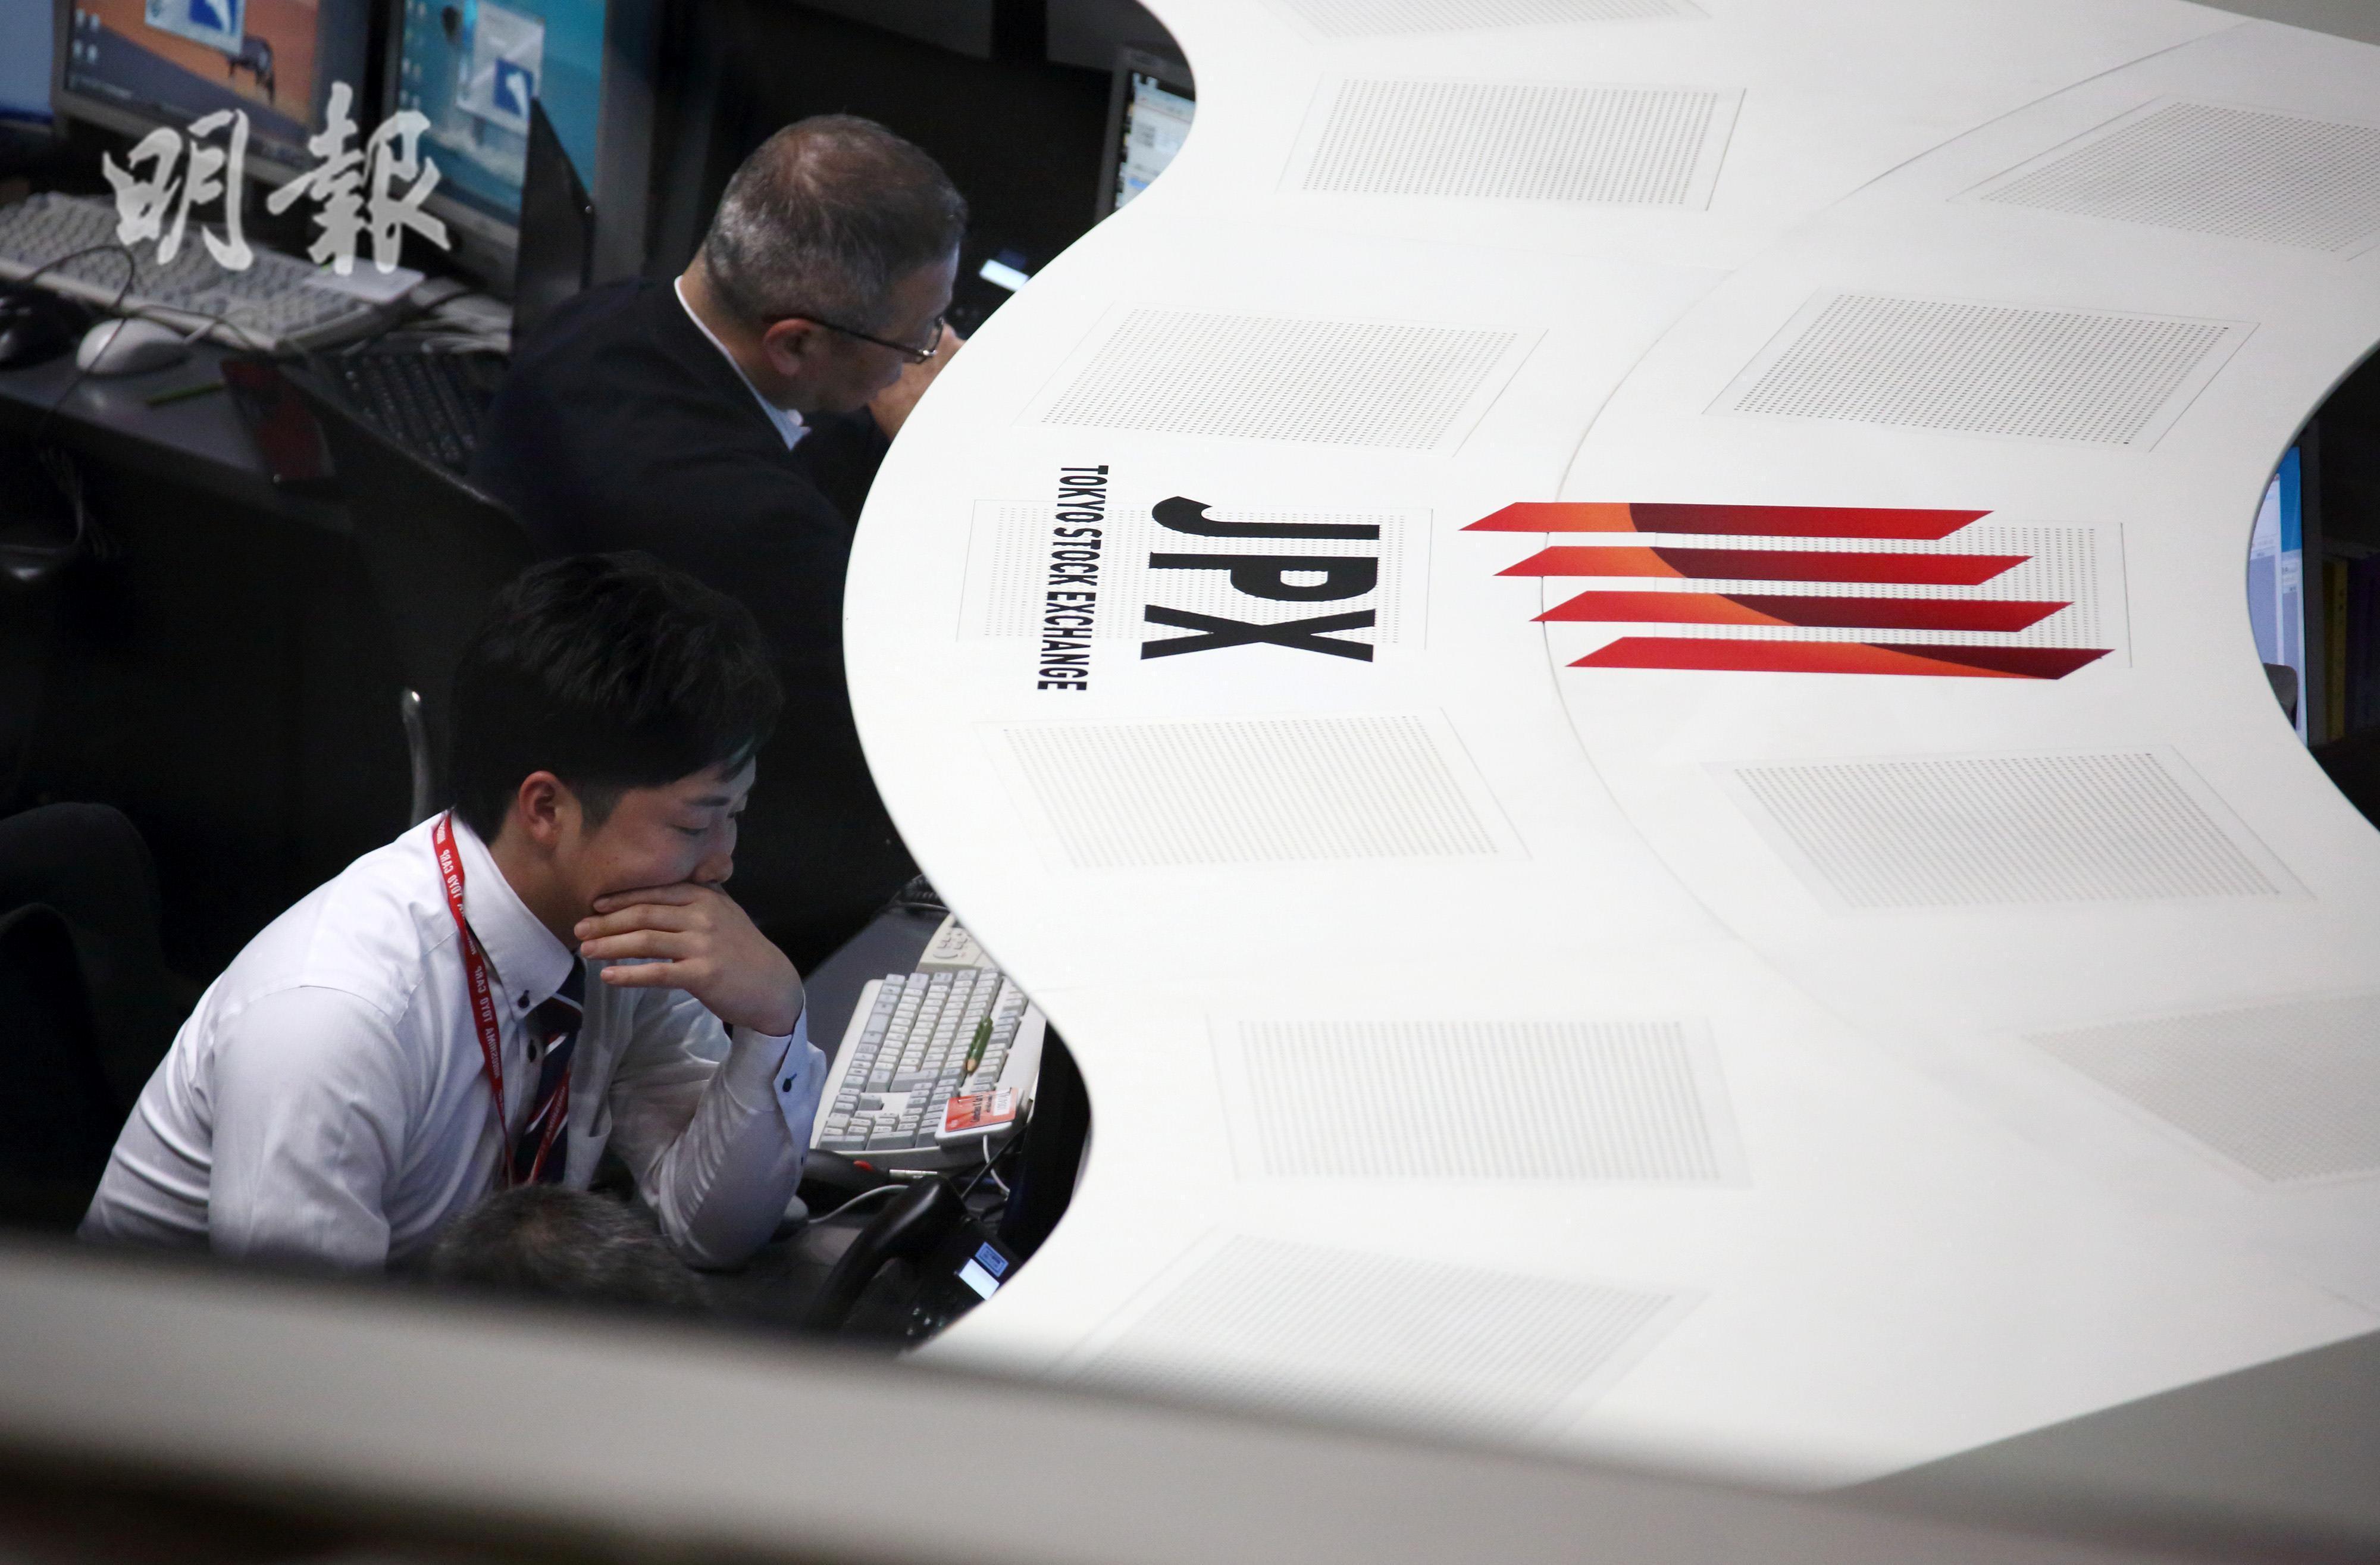 【亞股收市】主要股市個別發展  日股先跌後彈0.84%